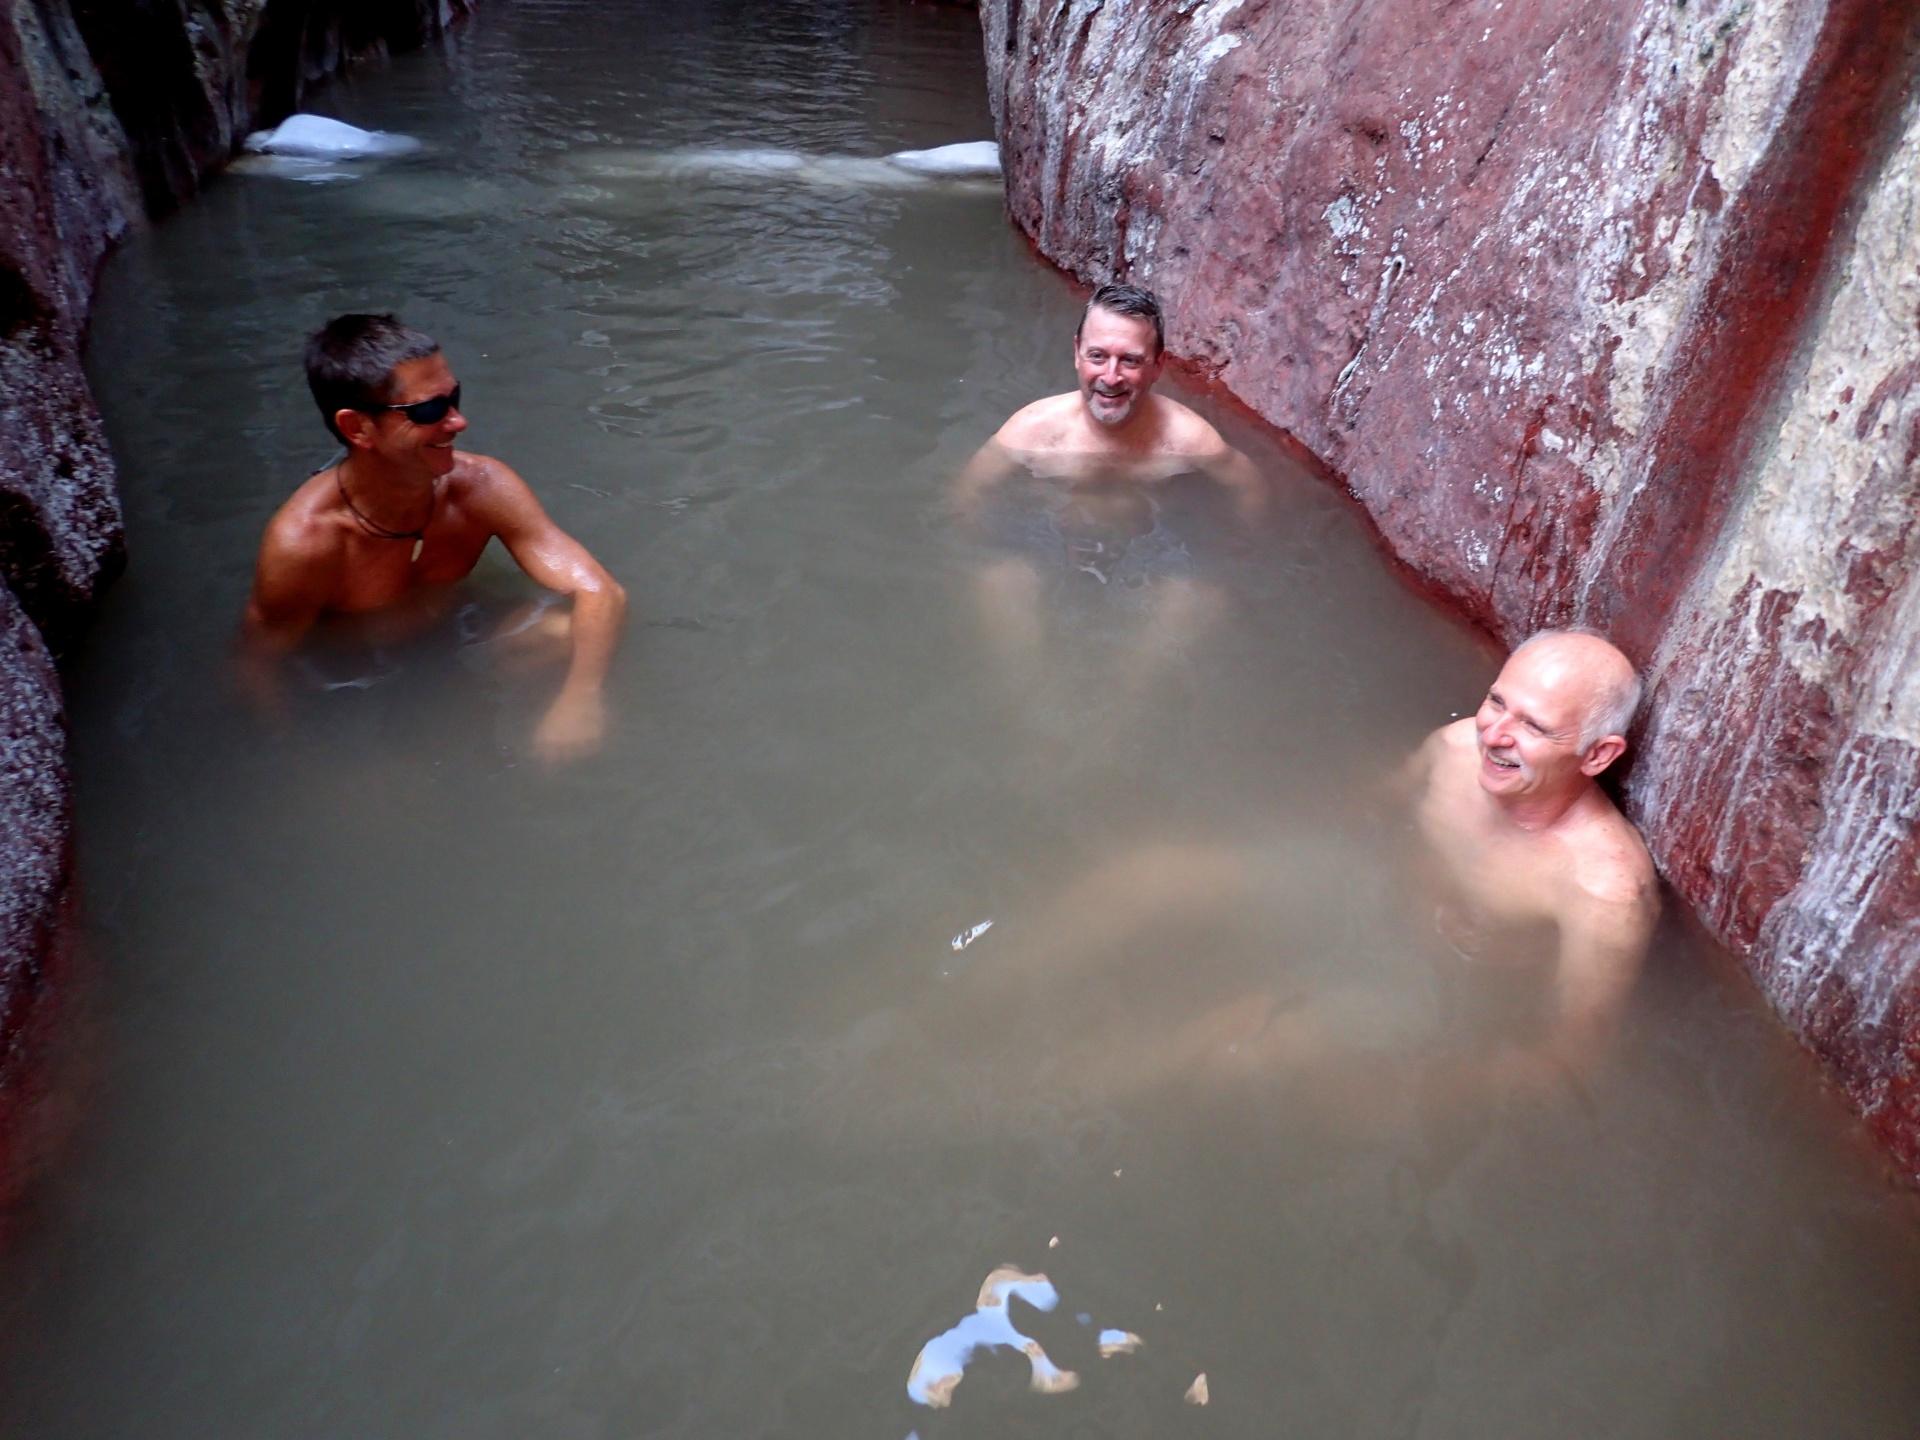 Chuck, Mark, and Bobby enjoying the Arizona Hot Springs